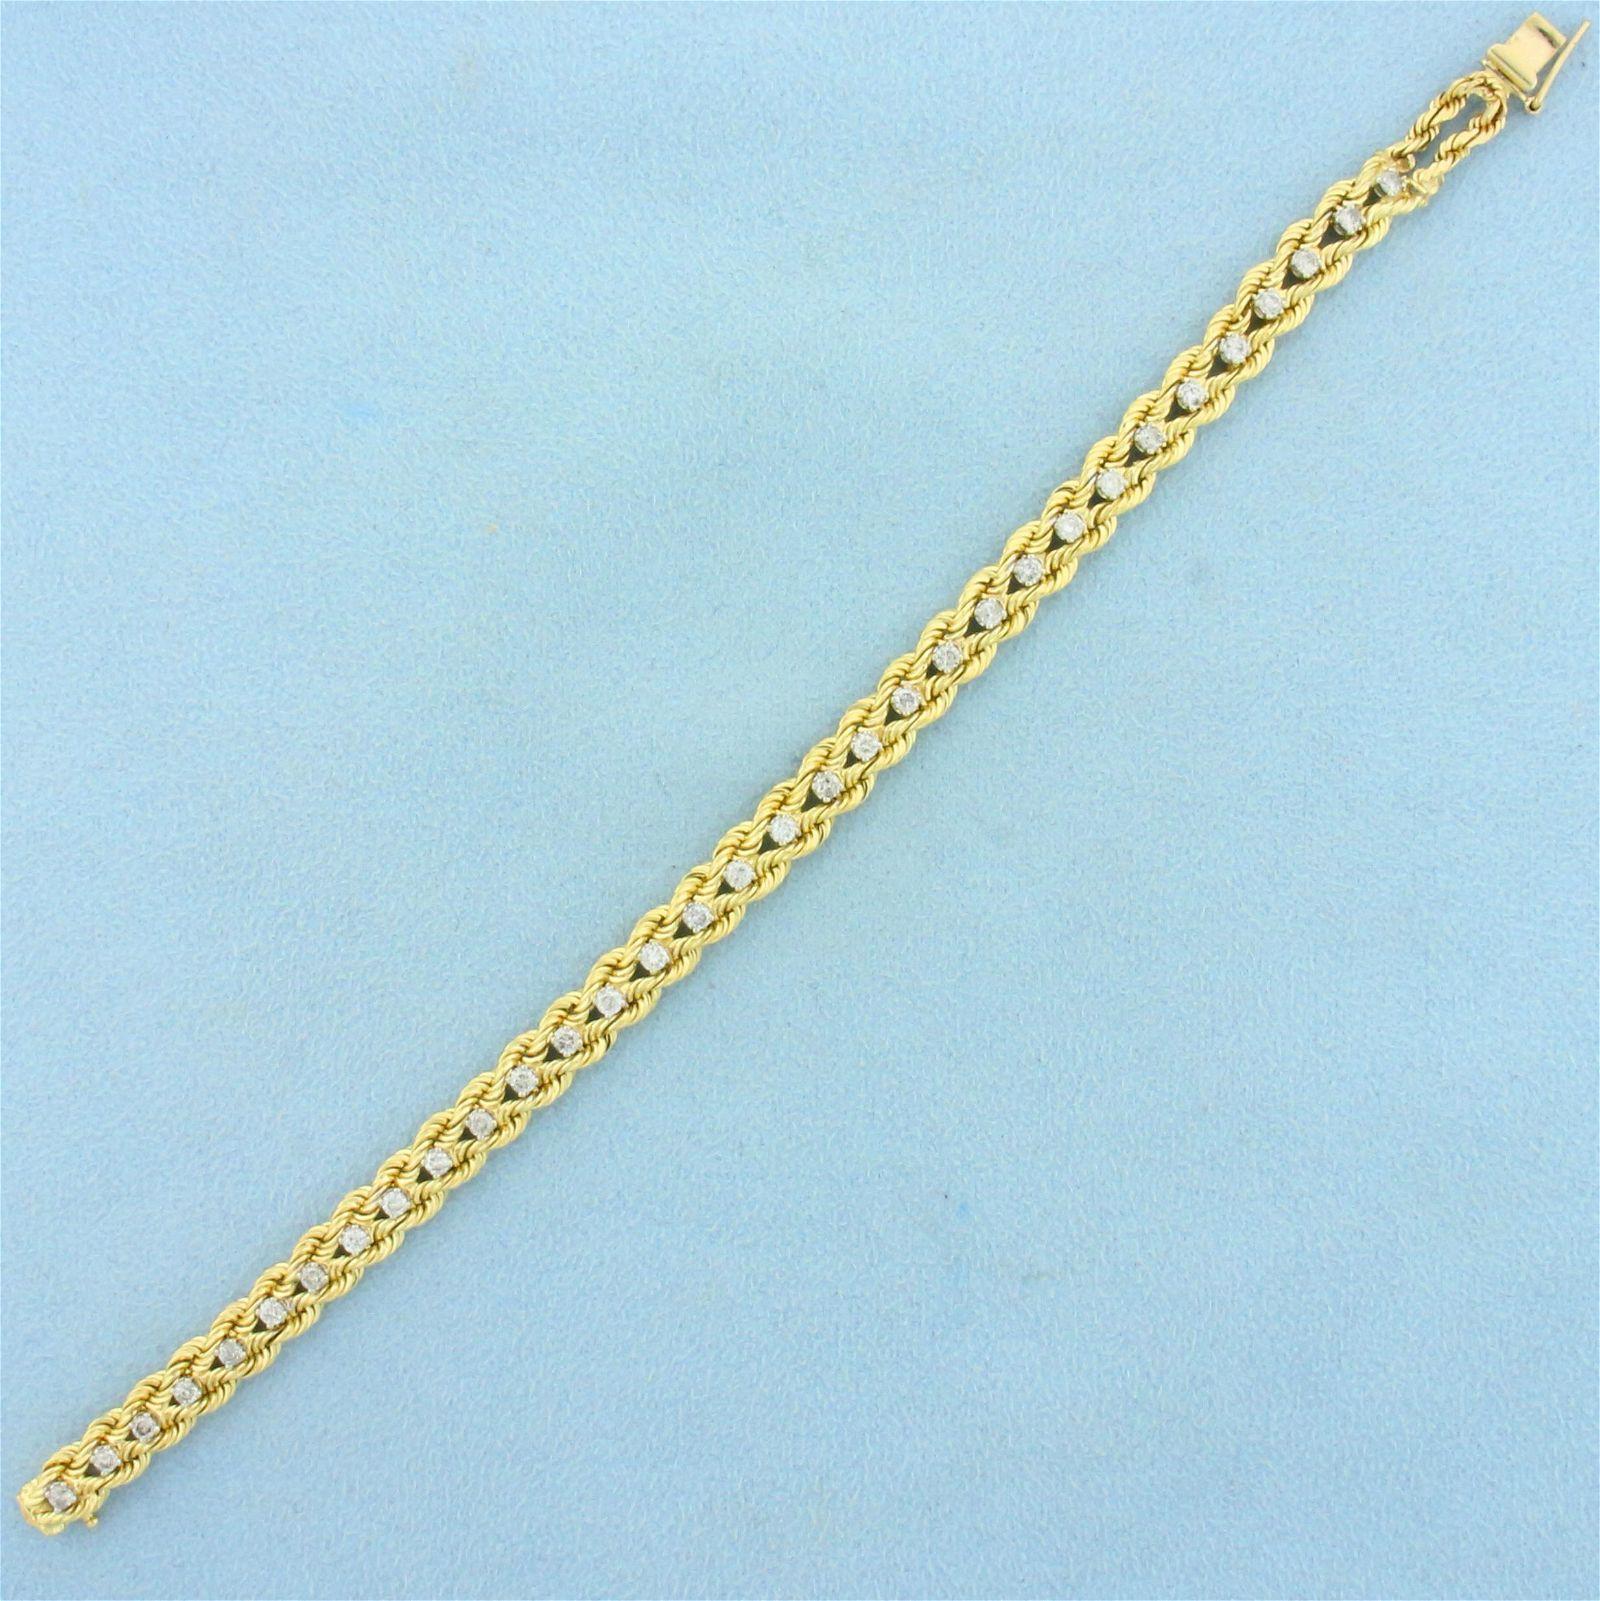 1.5ct TW Diamond Bracelet in 14K Yellow Gold